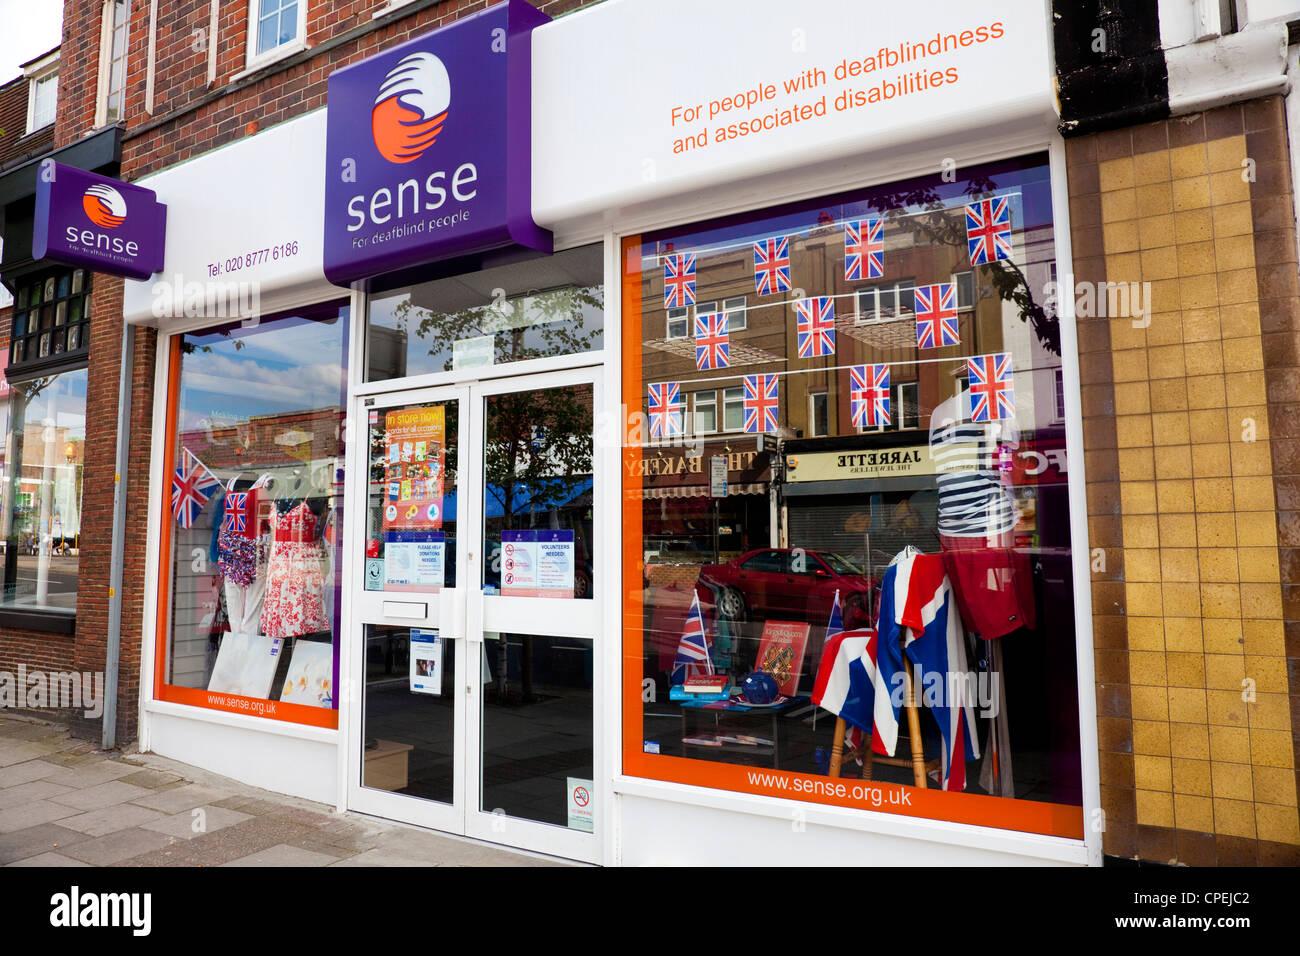 Shop avant, sens, magasin de charité pour les personnes ayant des troubles d'deafbindness, London, UK Photo Stock